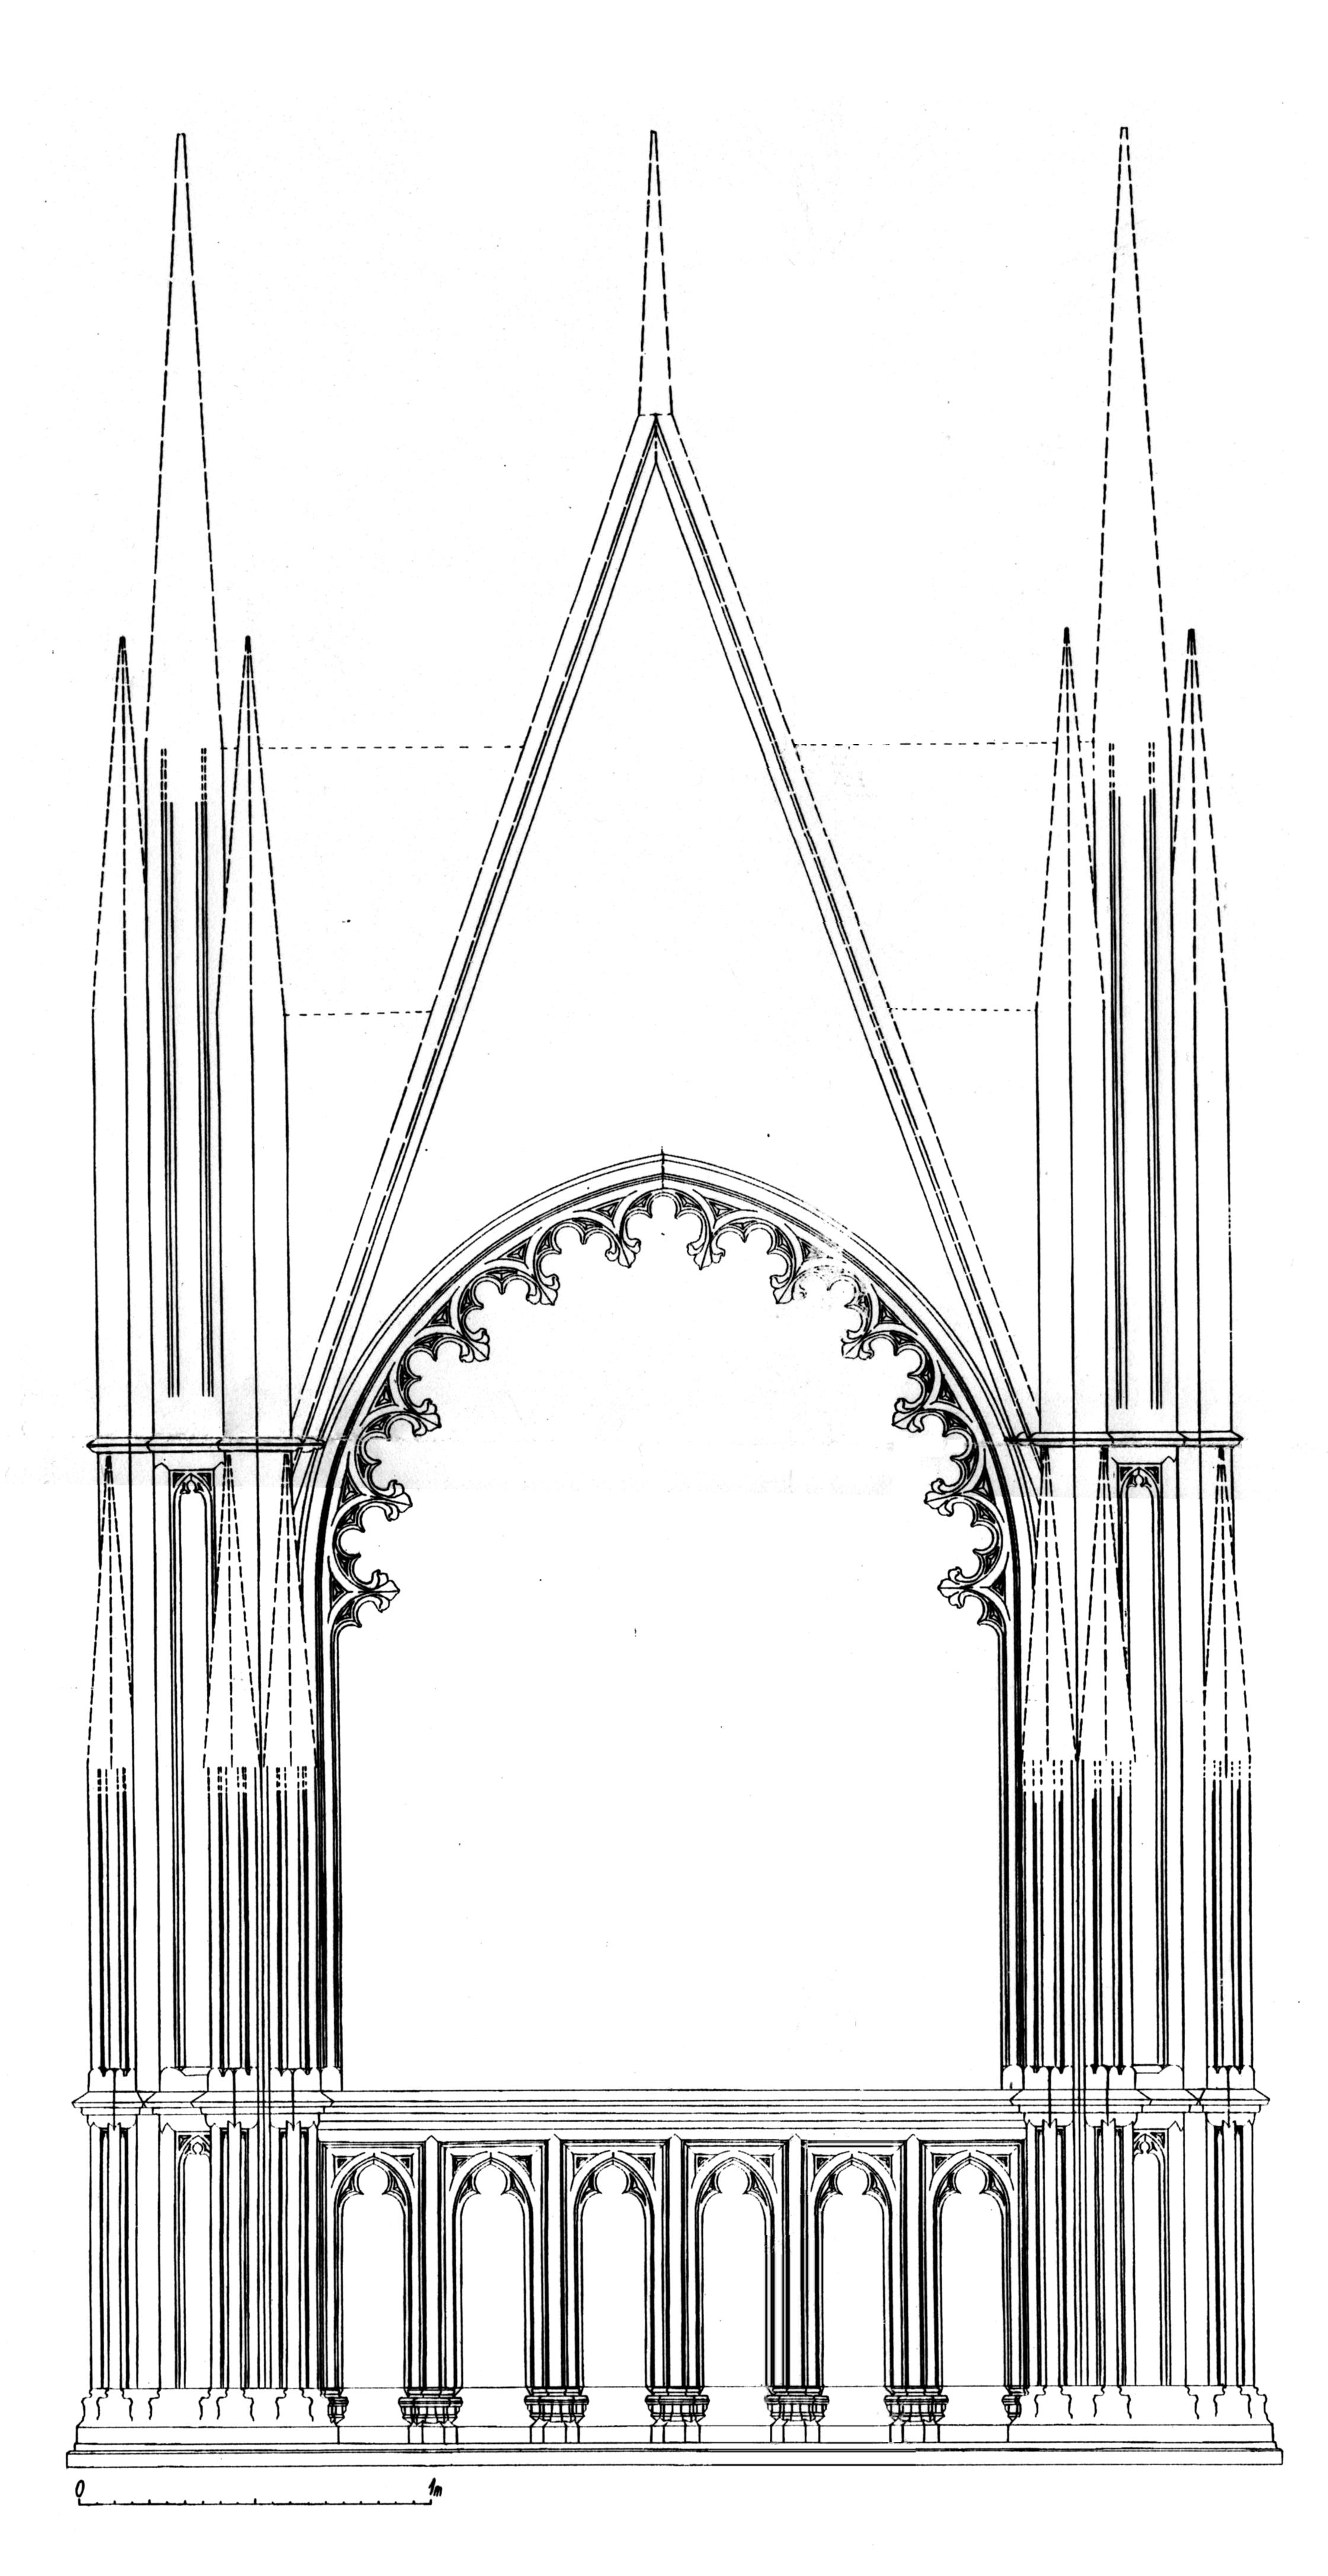 I. Károly székesfehérvári síremlékének rekonstrukciója